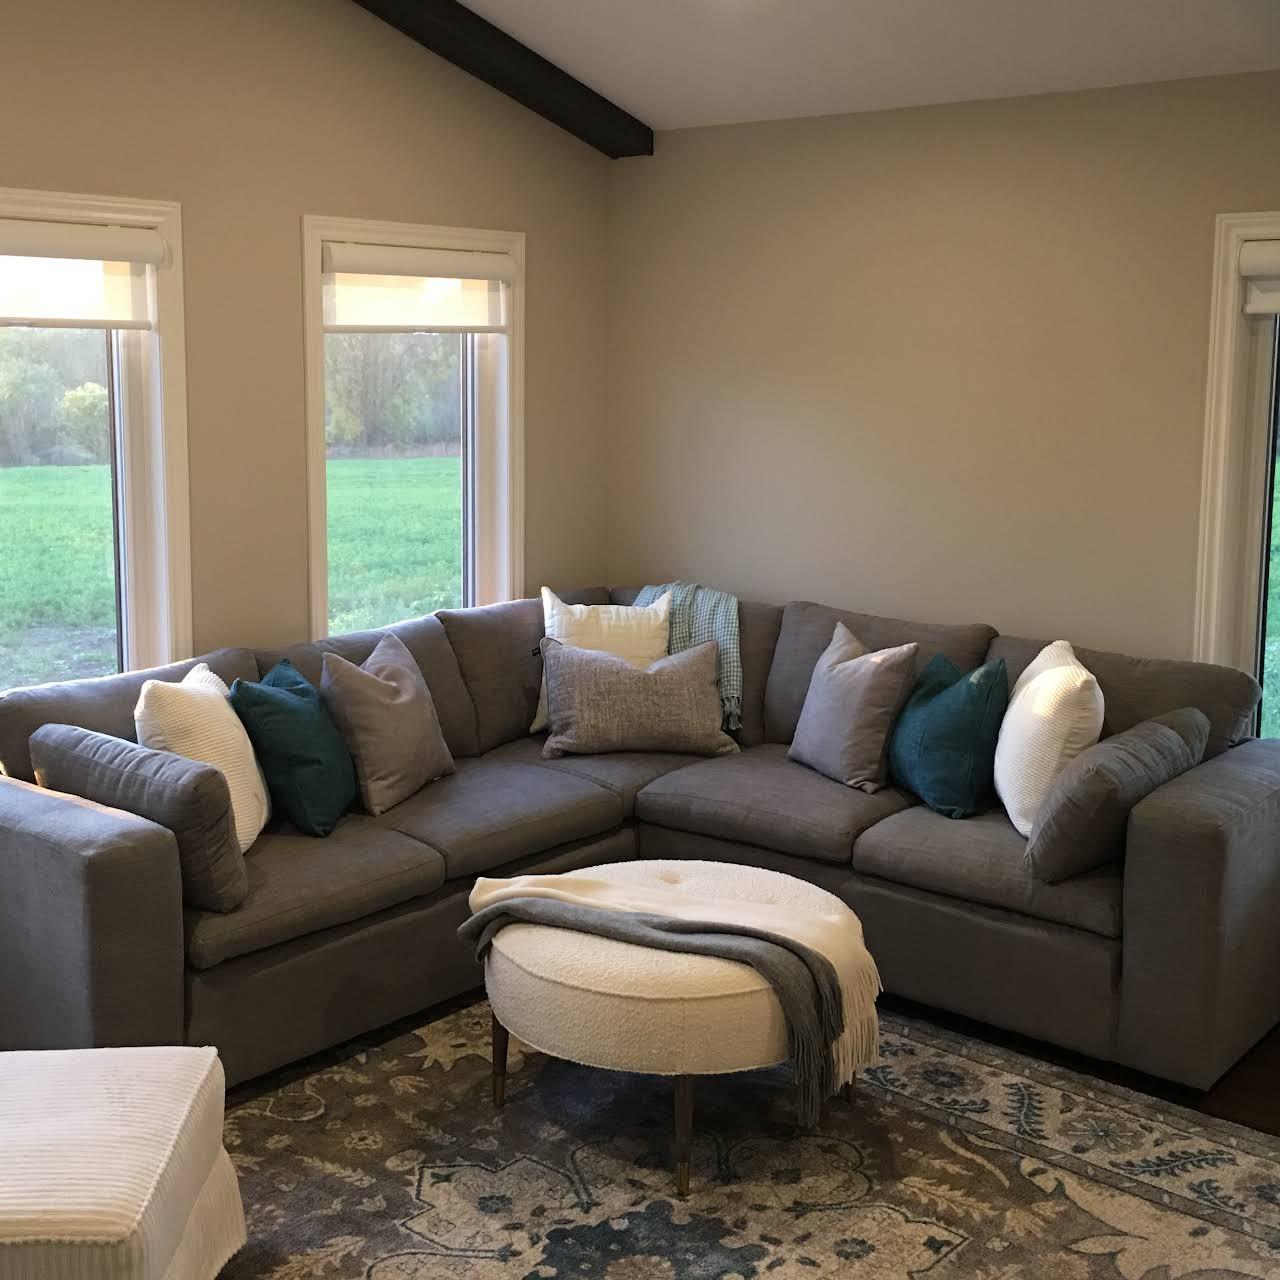 Kreatif Designs Staging And Interior Design In Owen Sound